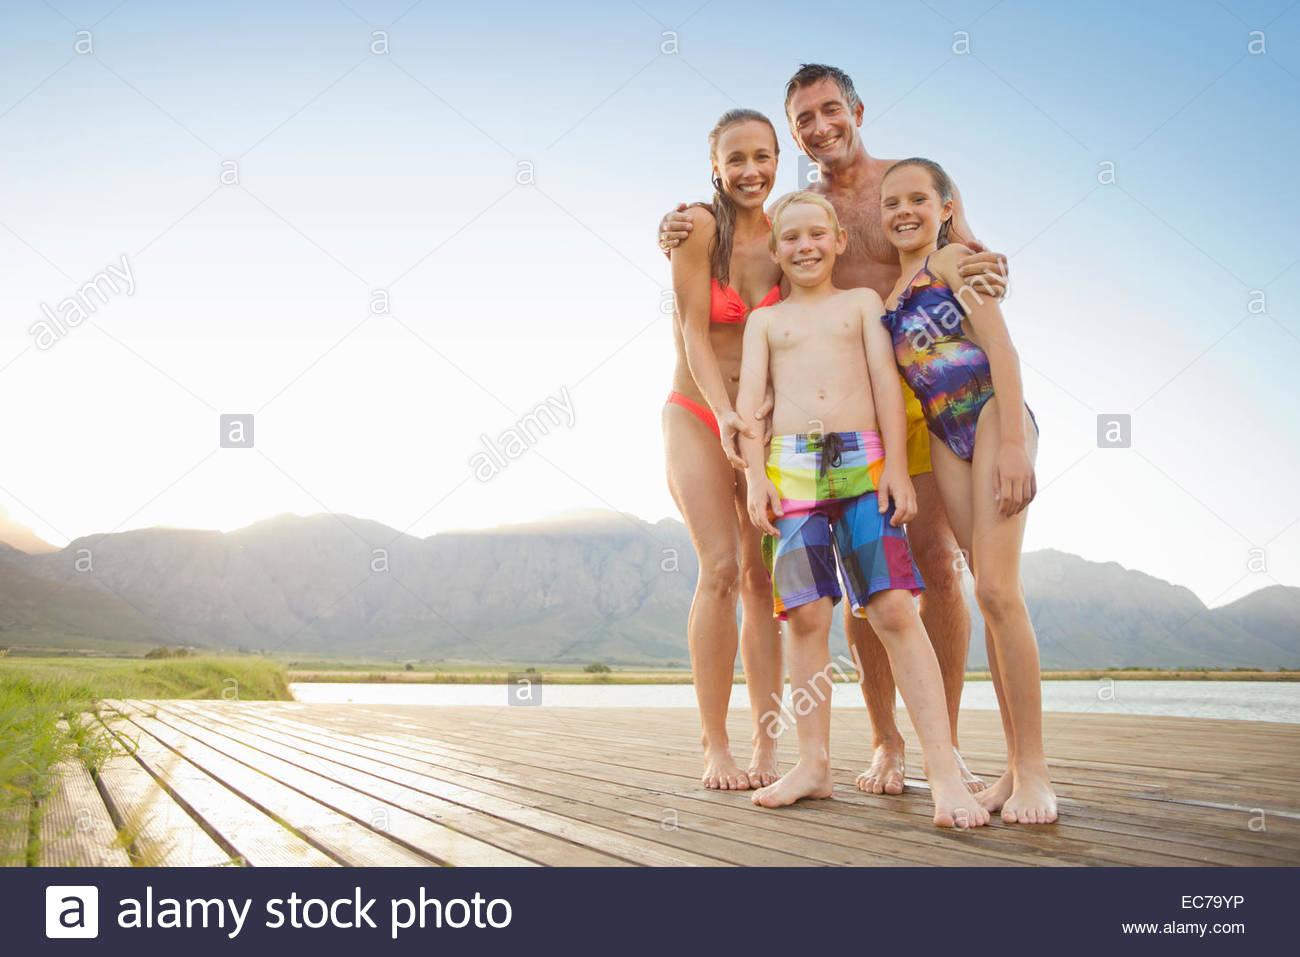 Familie in Badebekleidung am Holzsteg Stockbild